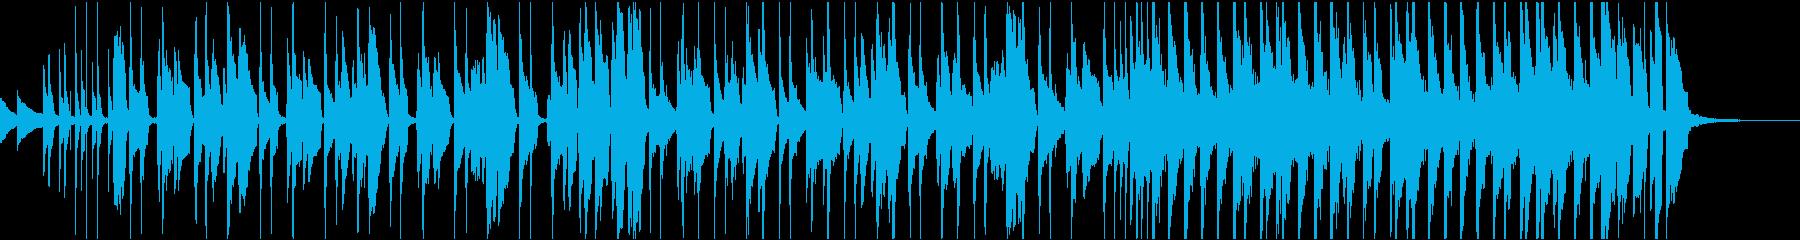 おかしい  ハッピー  音楽の再生済みの波形